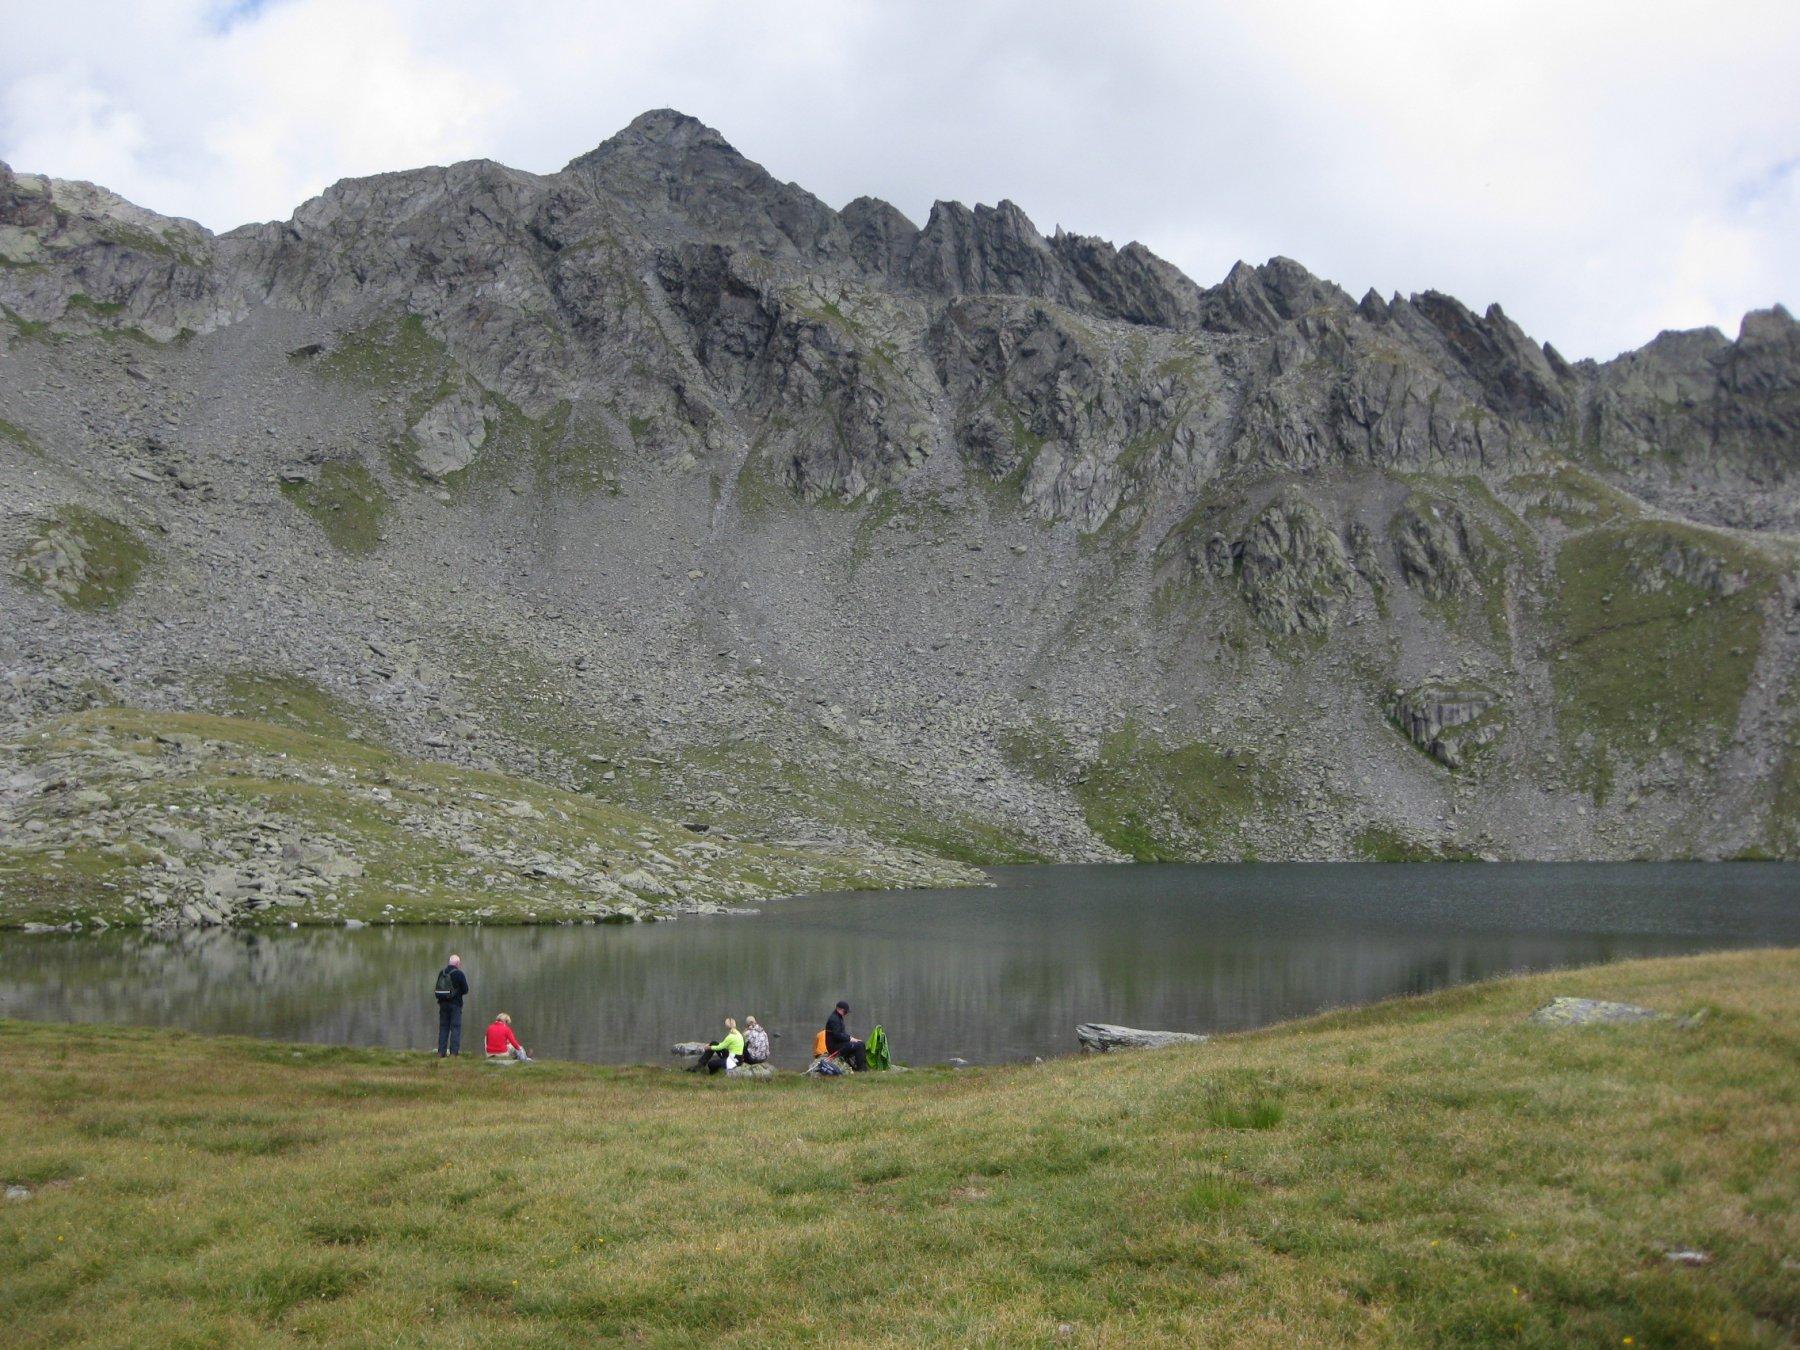 lago,al centro in lontananza la cima